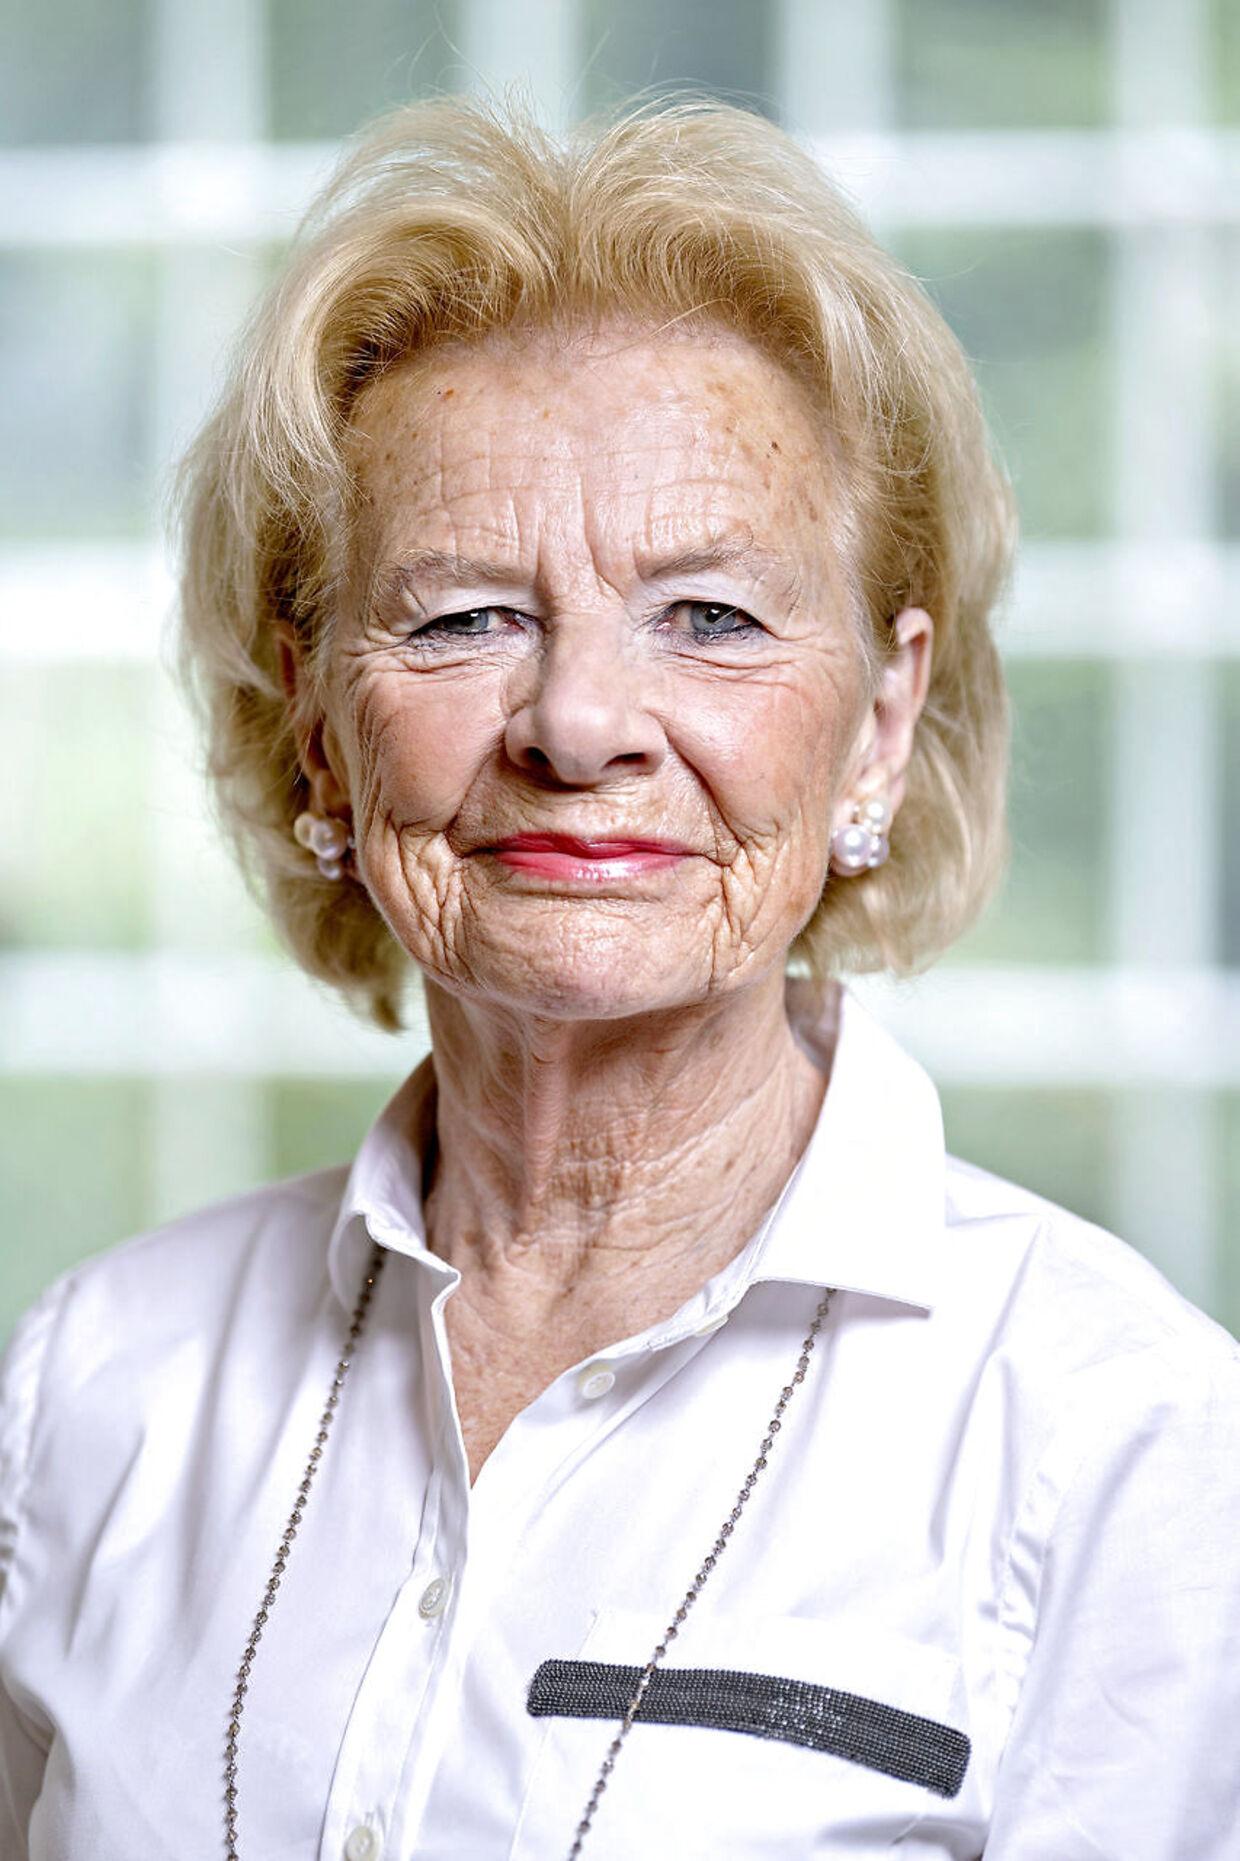 Susanne Heering, tidligere balletdanser og balletskoleejer og tæt veninde med Dronning Margrethe, holdt nytårsfest for blandt andre regentparret sidste år. Det blev sidste gang, fru Heering så prinsen.